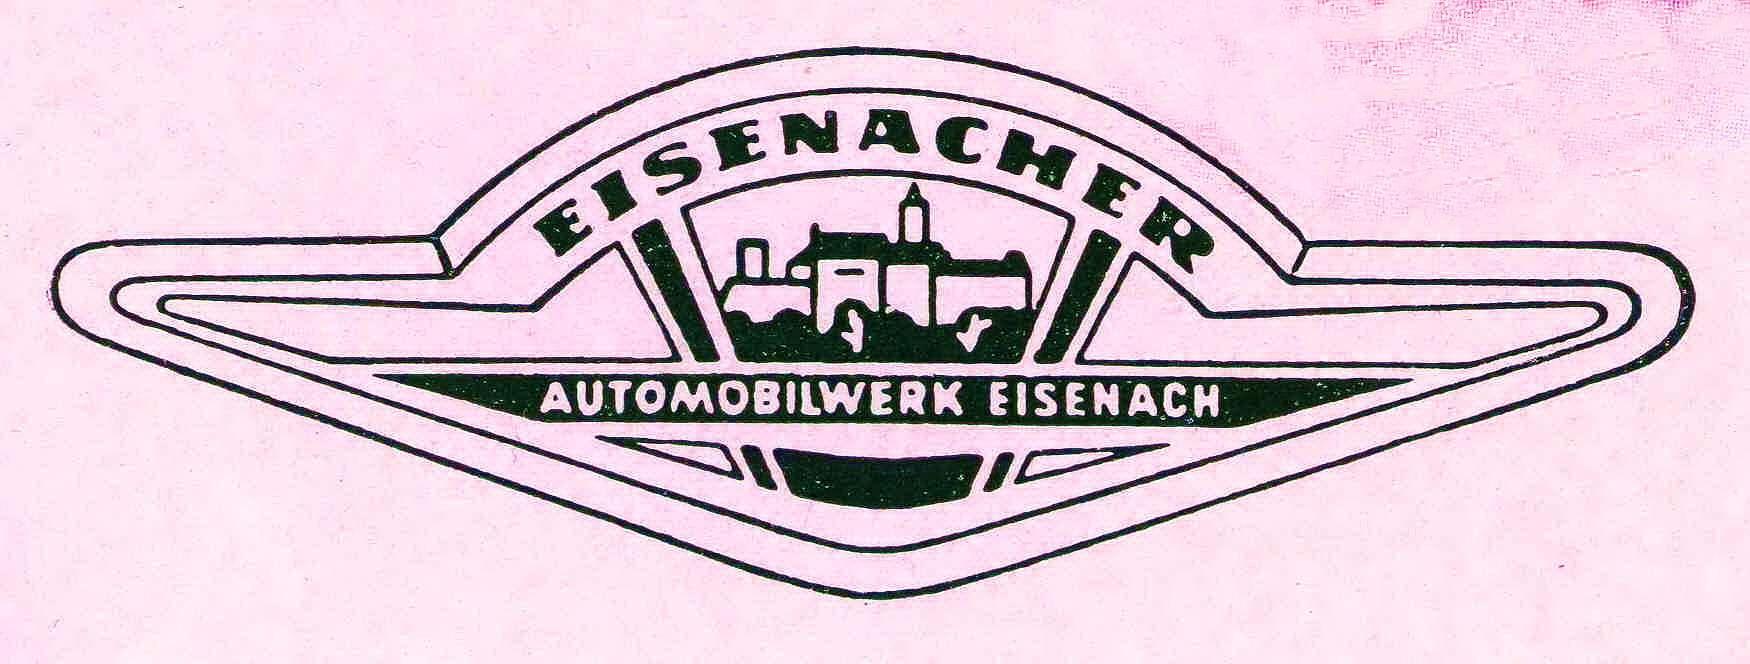 В ГДР замок появится наэмблеме одноименных автомобилей уже втаком виде